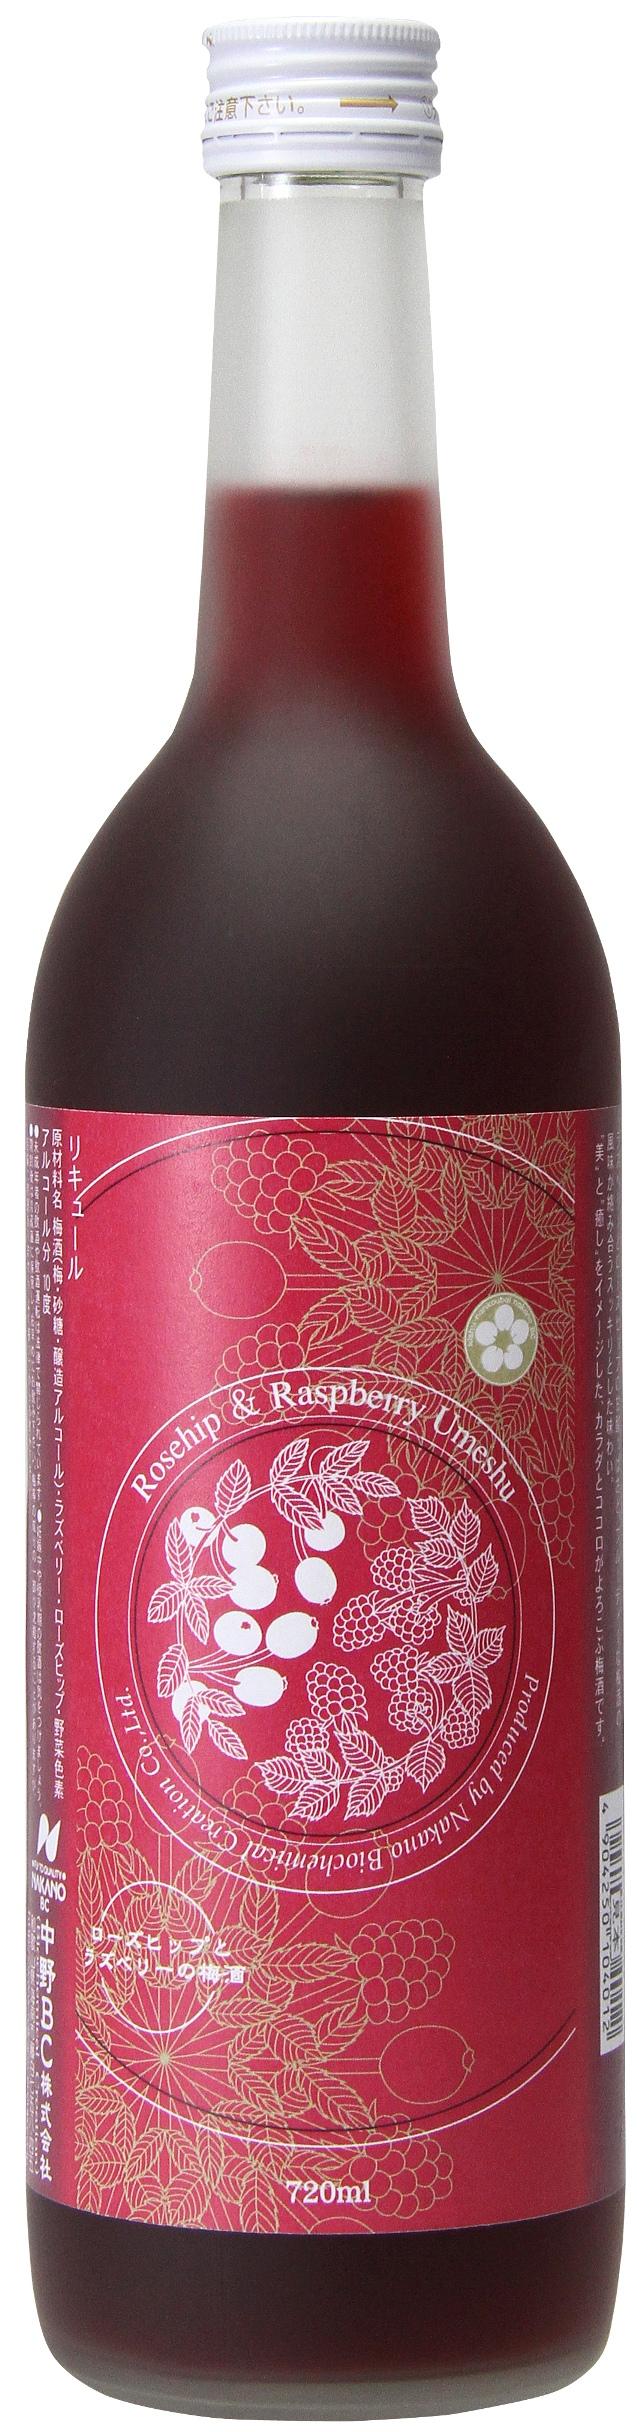 """女性向けに """"アロマ梅酒"""" を開発 「ローズヒップとラズベリーの梅酒」 9/13発売 通常より完熟度合いの高い紀州南高梅を使用"""